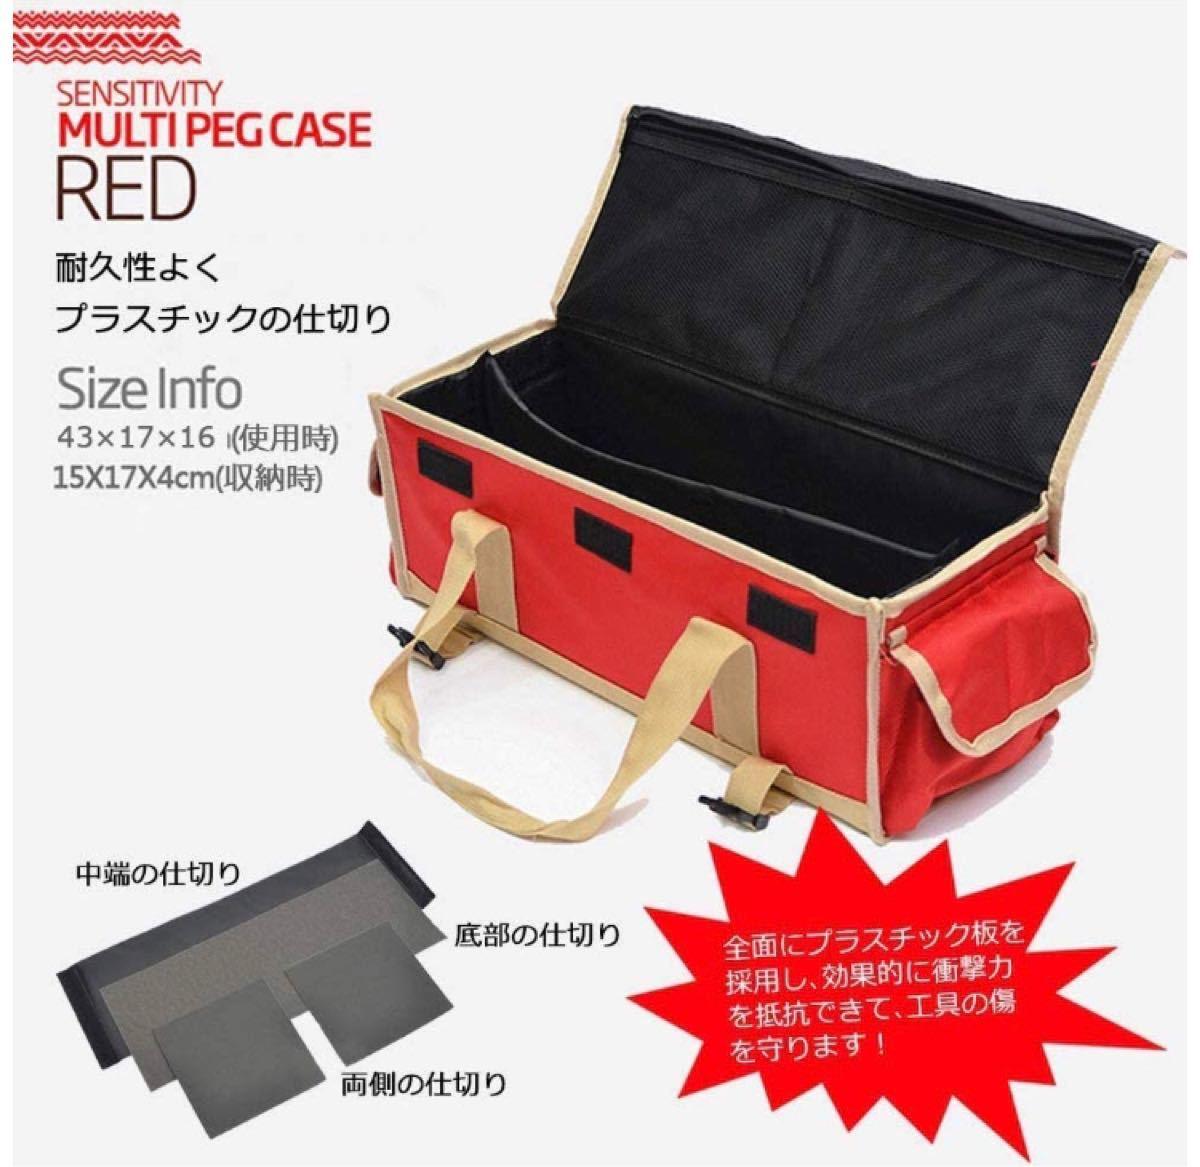 大容量 マルチコンテナボックス ペグ ハンマーケース 工具 収納バッグコンテナボックス 収納ケース レッド